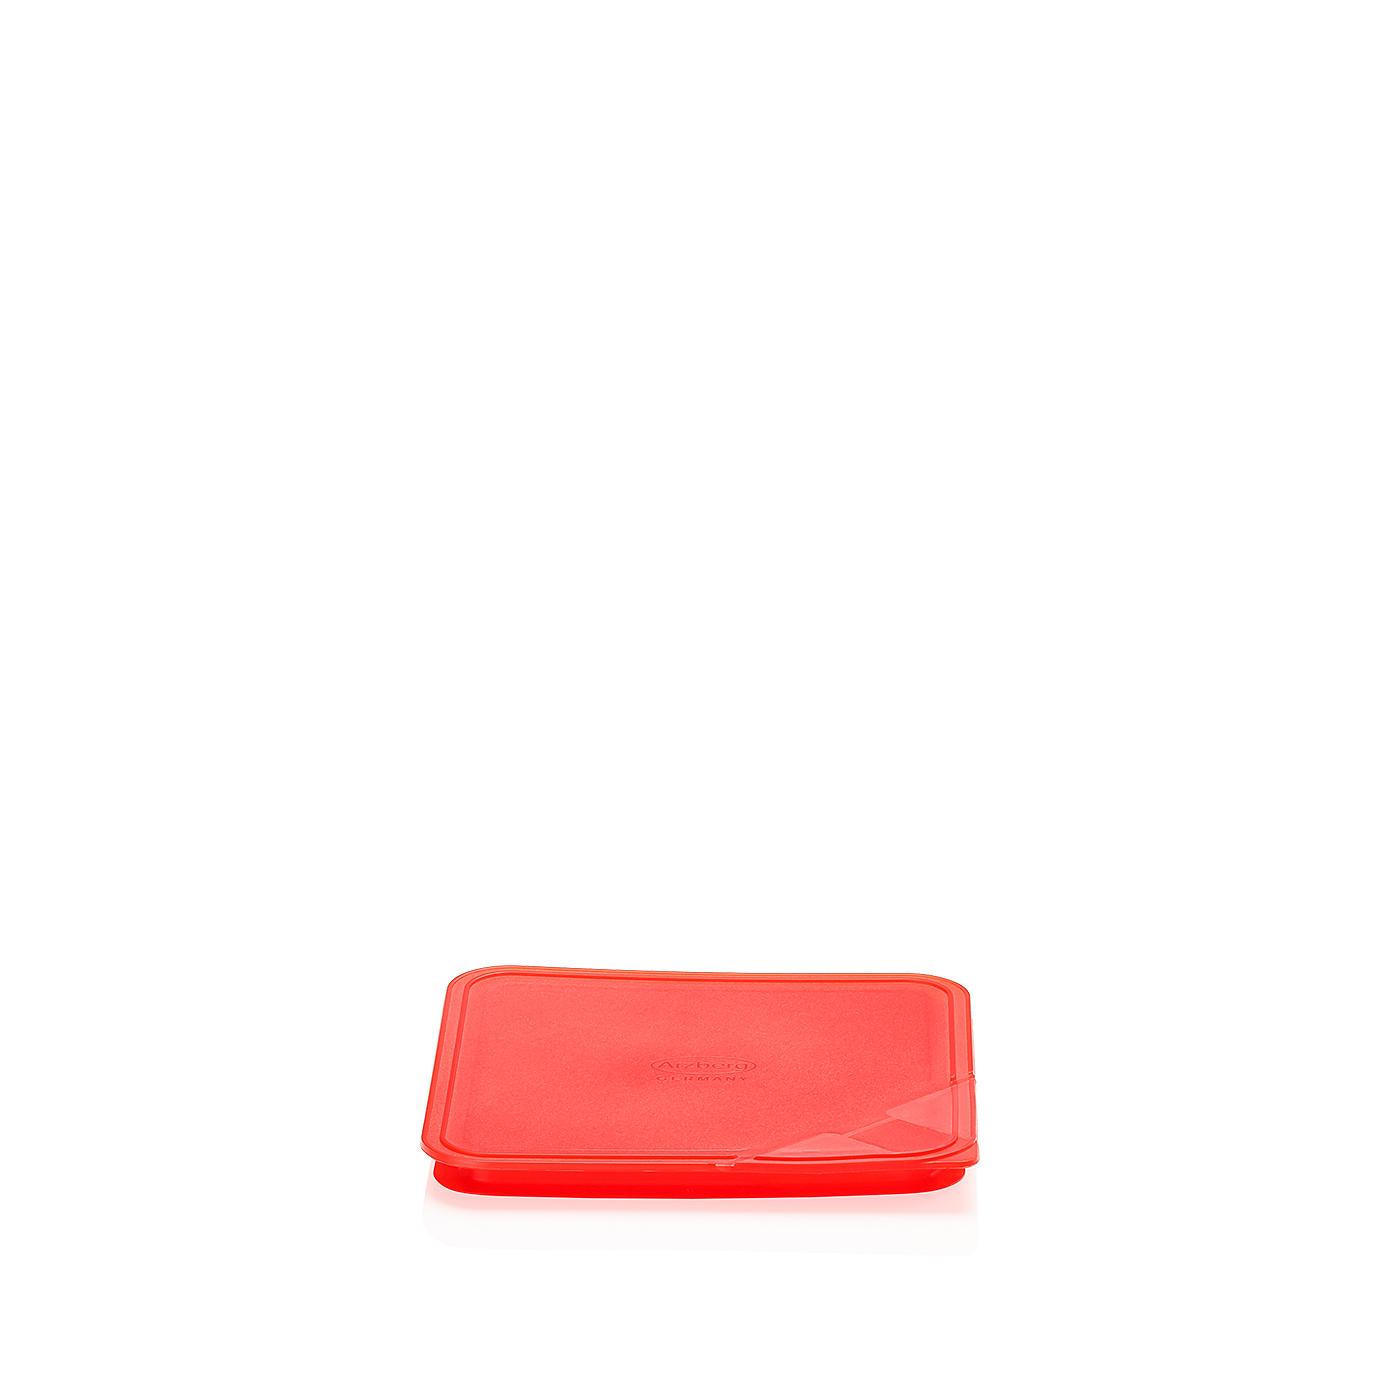 Aromadeckel quadratisch 15 cm Küchenfreunde Kunststoff rot Arzberg